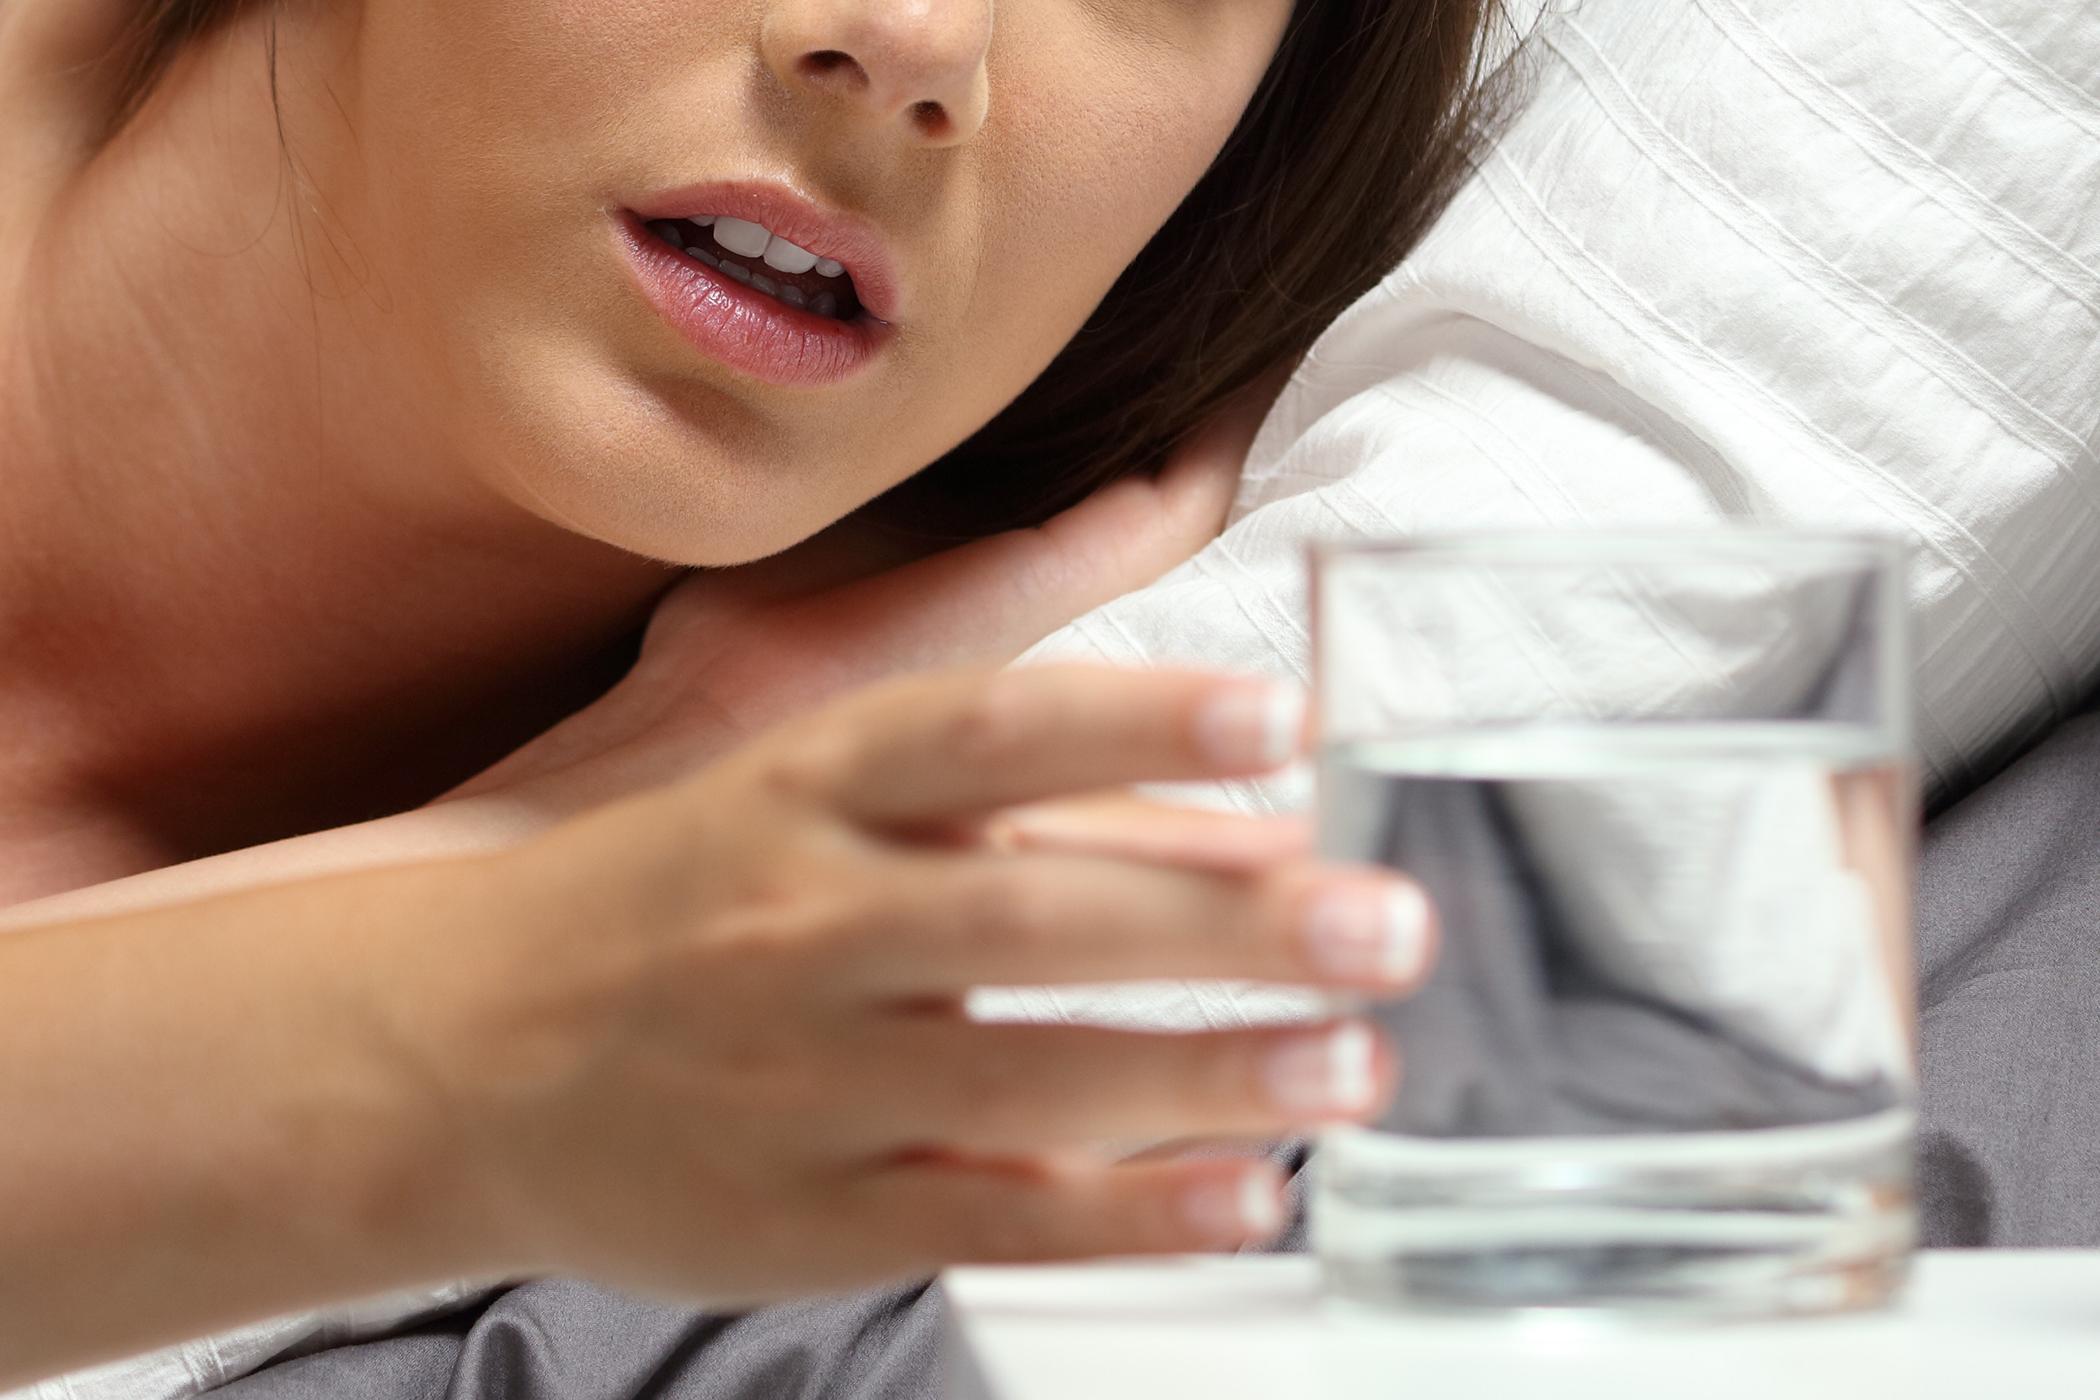 szájszárazság magas vérnyomással mit kell tenni a magas vérnyomás elleni küzdelem világszerte